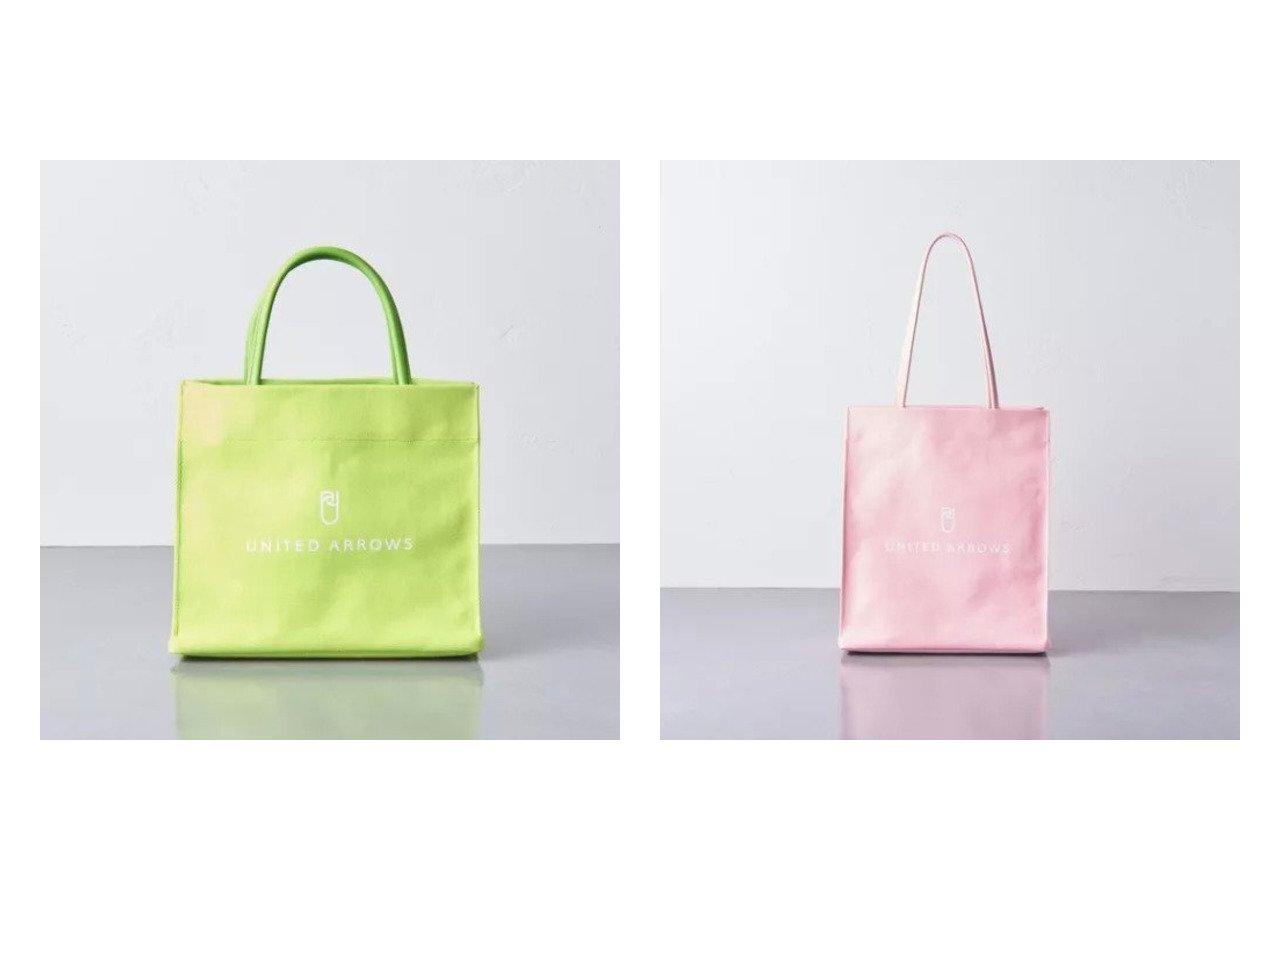 【UNITED ARROWS/ユナイテッドアローズ】のUWSC ロゴ ミニ トートバッグ †&UWSC ロゴ トートバッグ † 【バッグ・鞄】おすすめ!人気、トレンド・レディースファッションの通販 おすすめで人気の流行・トレンド、ファッションの通販商品 インテリア・家具・メンズファッション・キッズファッション・レディースファッション・服の通販 founy(ファニー) https://founy.com/ ファッション Fashion レディースファッション WOMEN バッグ Bag おすすめ Recommend キャンバス  ID:crp329100000048177